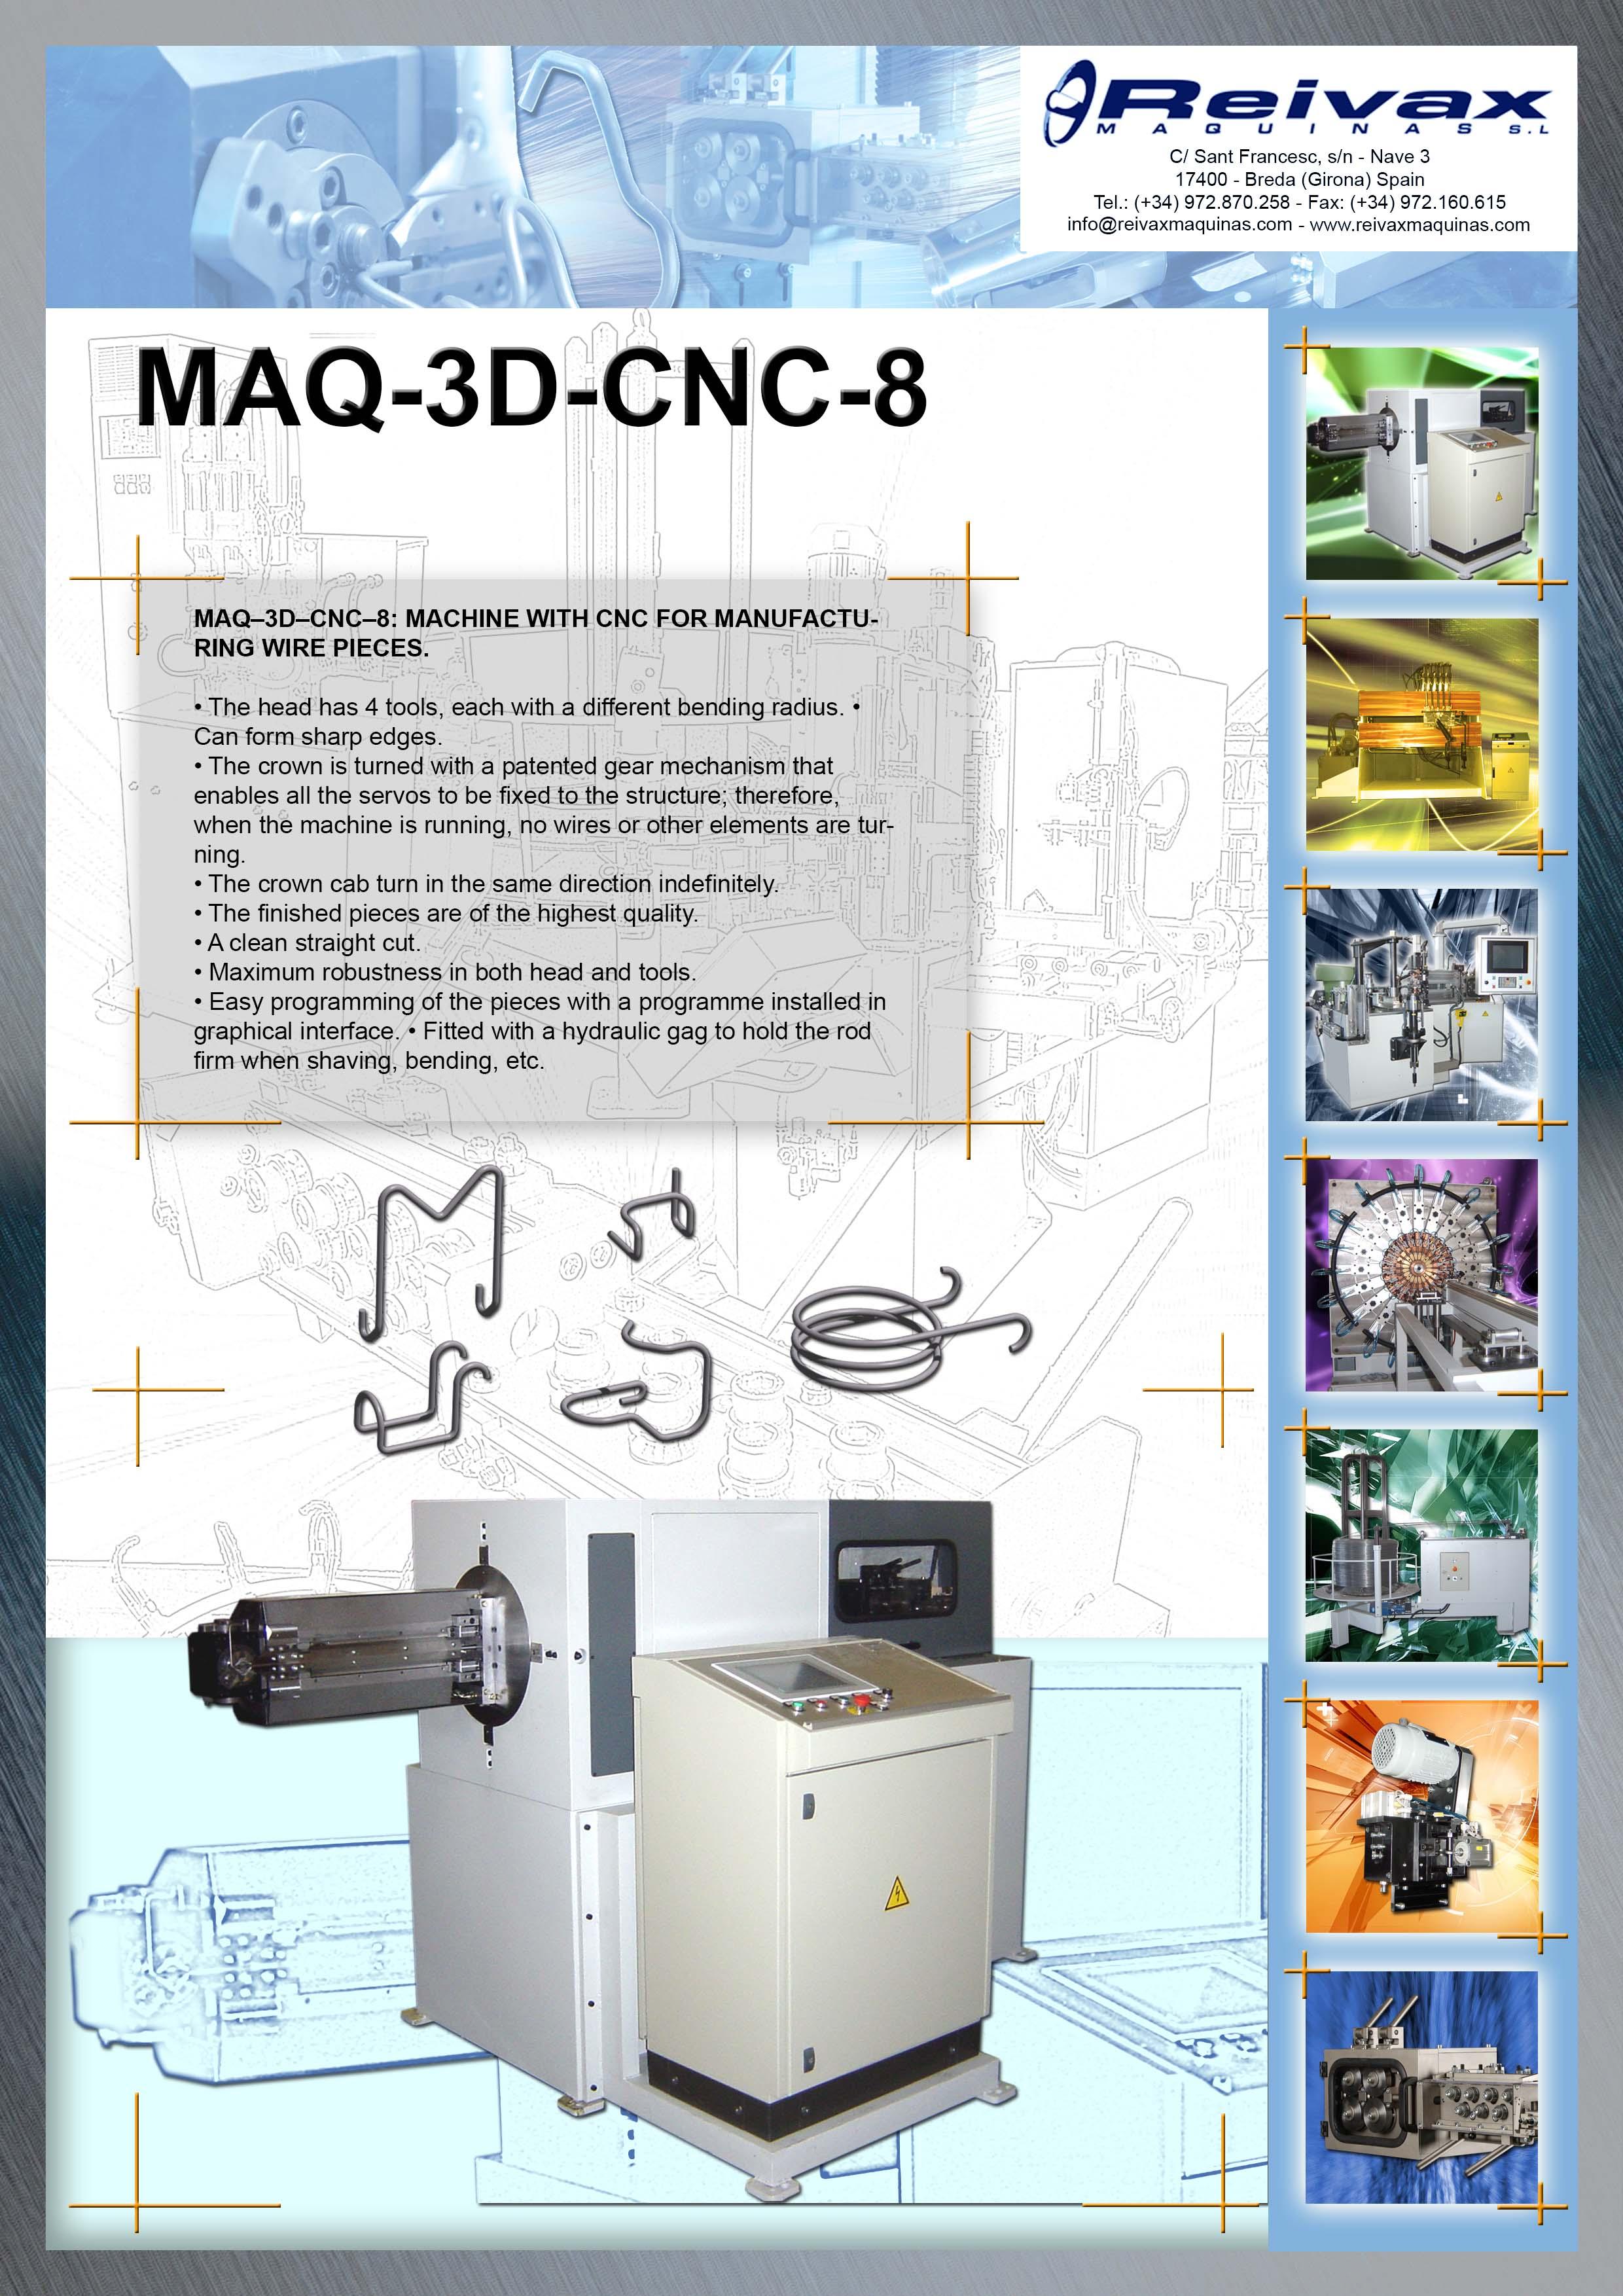 ReivaxMaquinas: Technical Details MAQ-3D-CNC-8